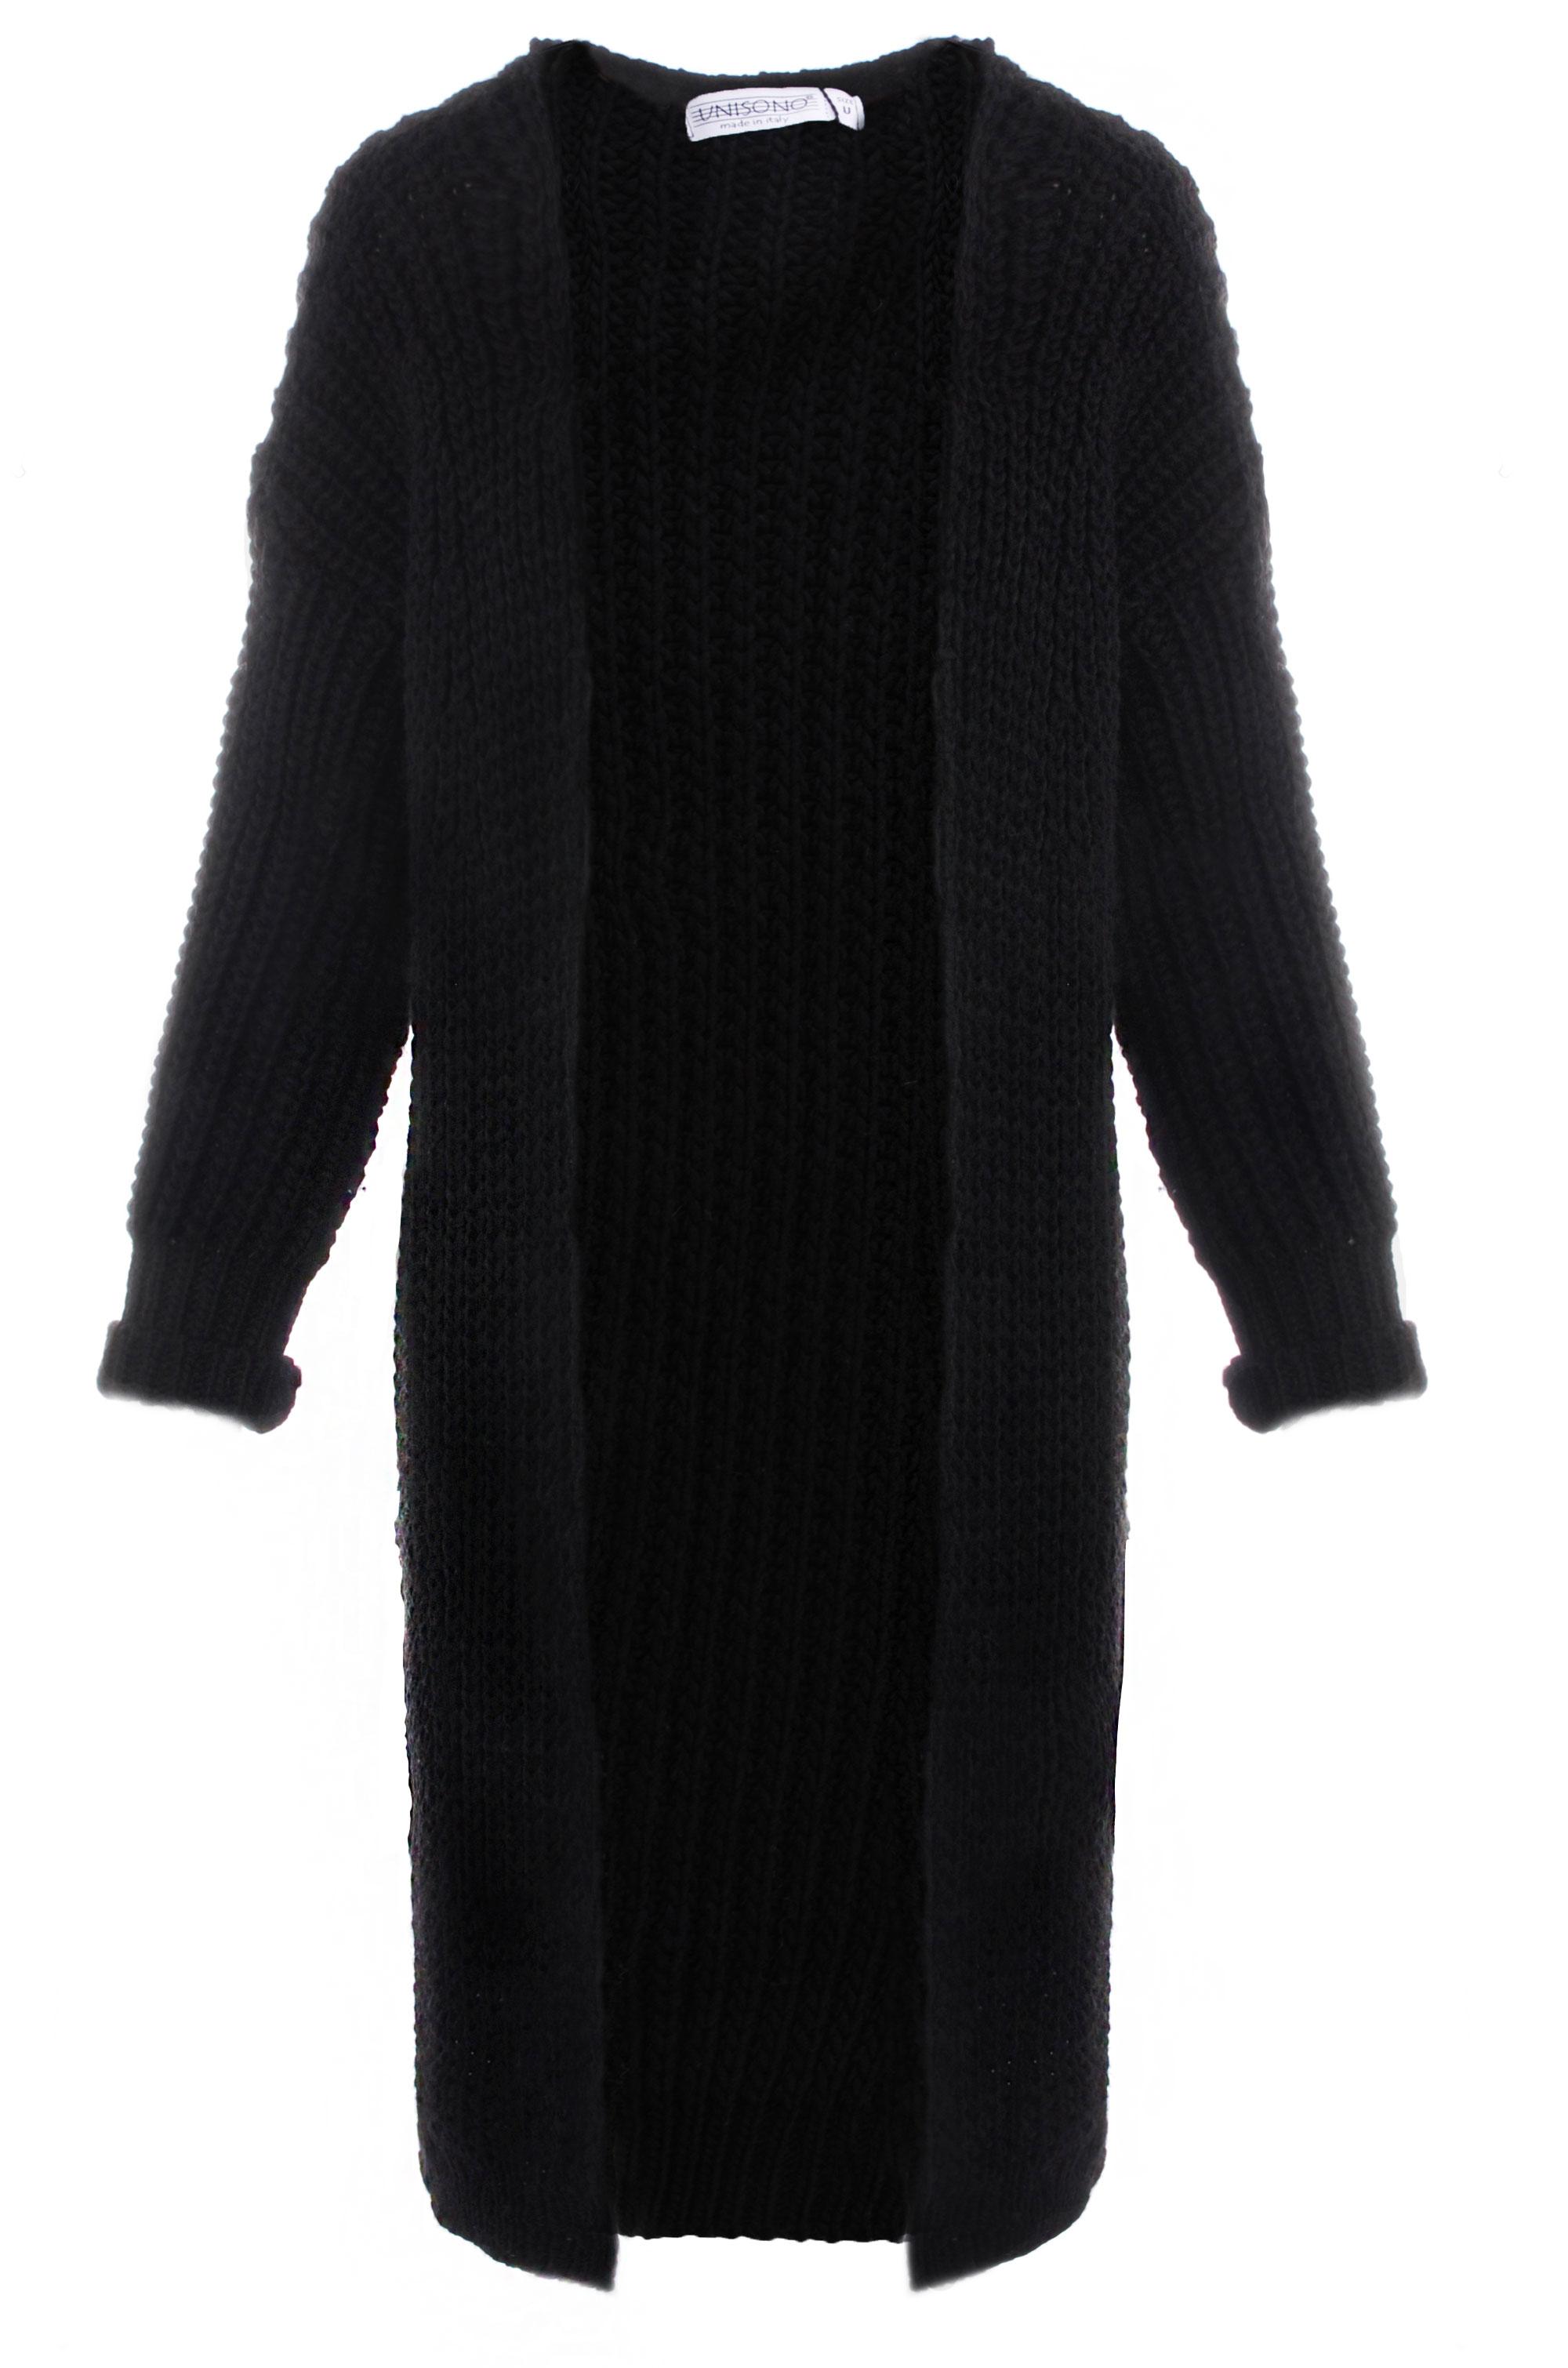 Sweter - 67-15654 NERO - Unisono